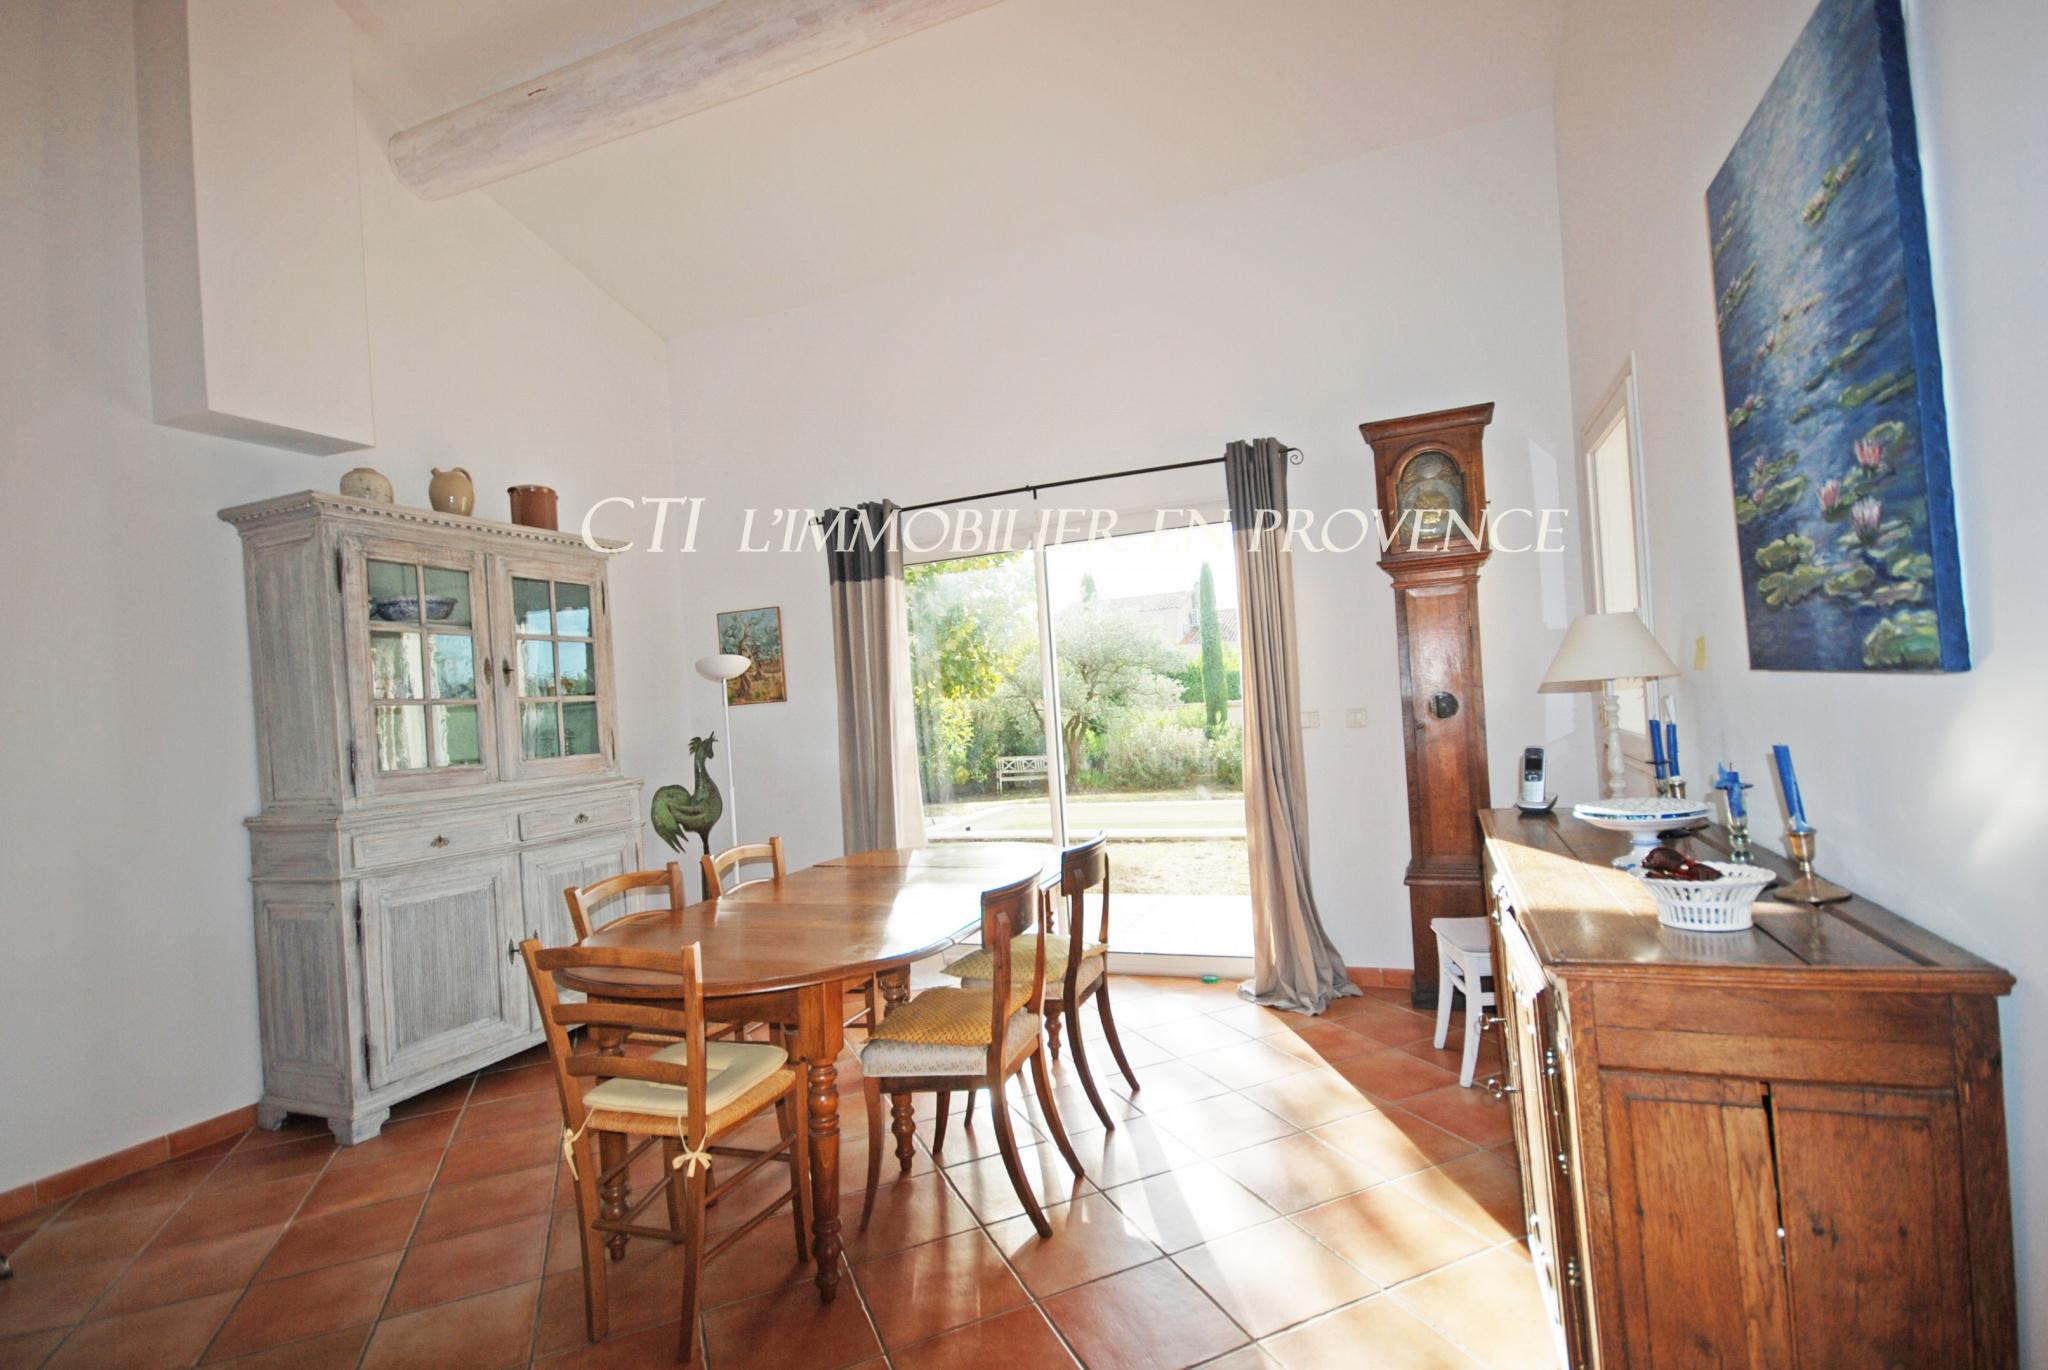 0 www.cti-provence.net, vente maison de plain pied (3 chambres), excellent confort, terrain piscine